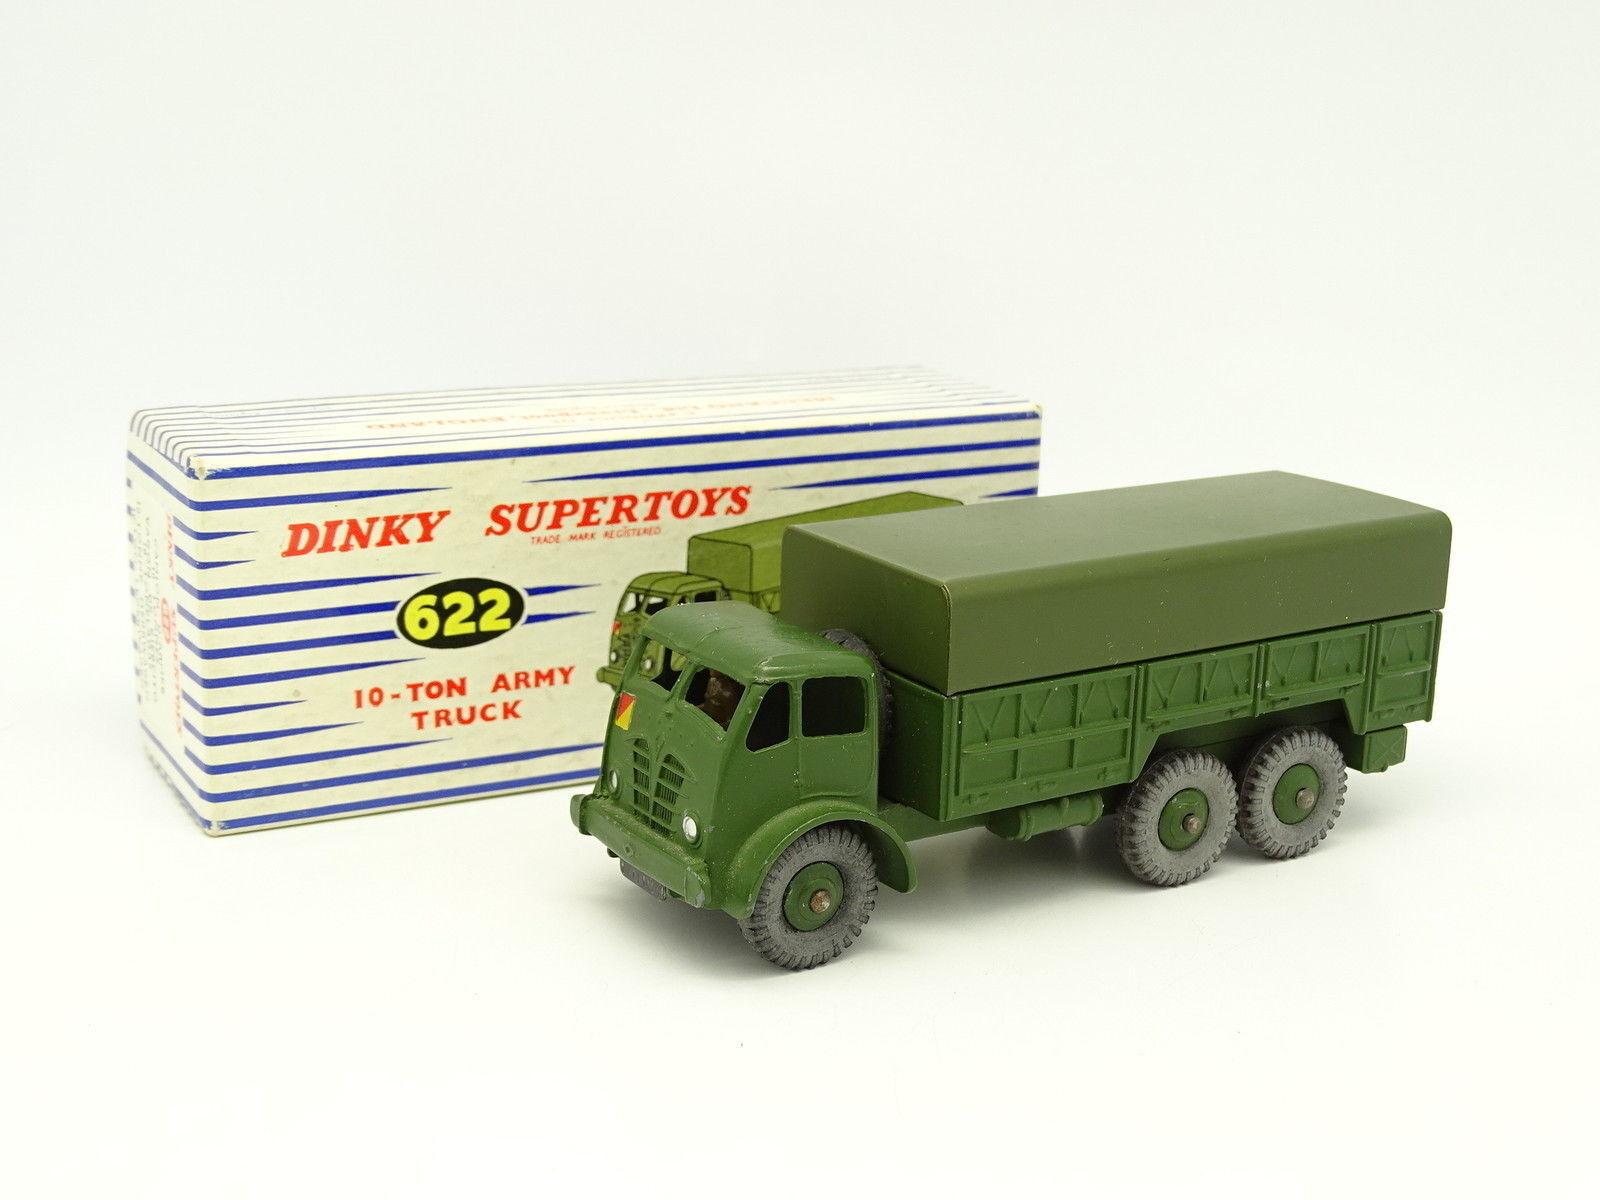 Dinky Spielzeug GB Militär 1 43 - 10 Ton Armee LKW 622